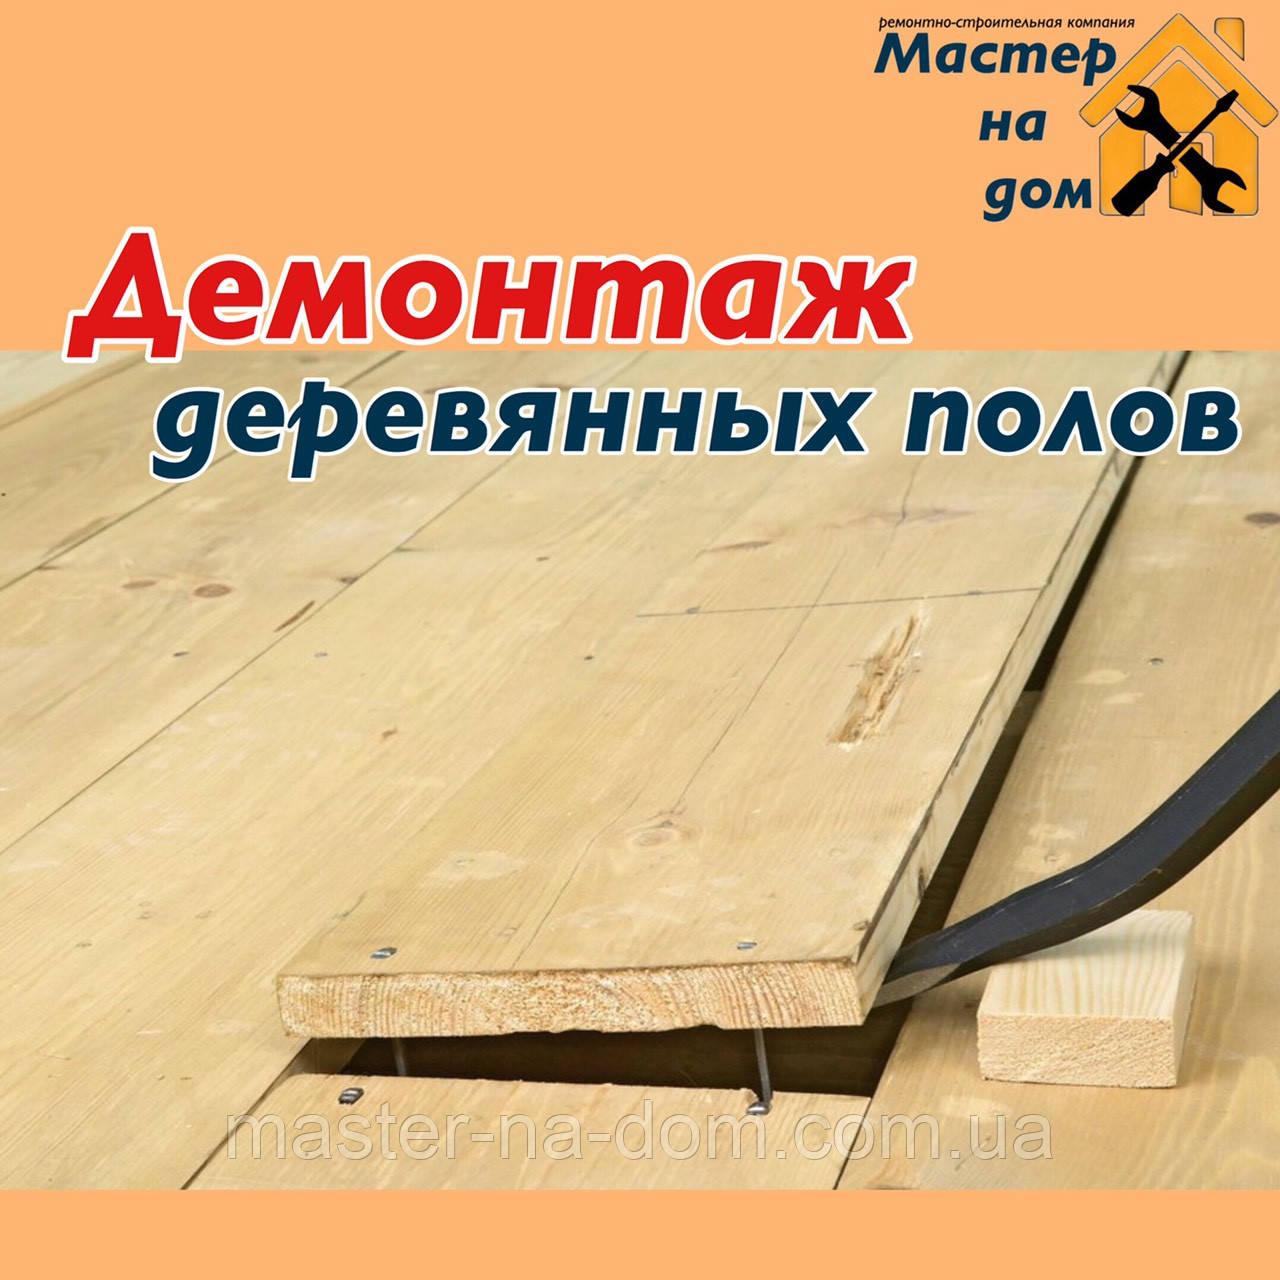 Демонтаж деревянных,паркетных полов в Киеве, фото 1